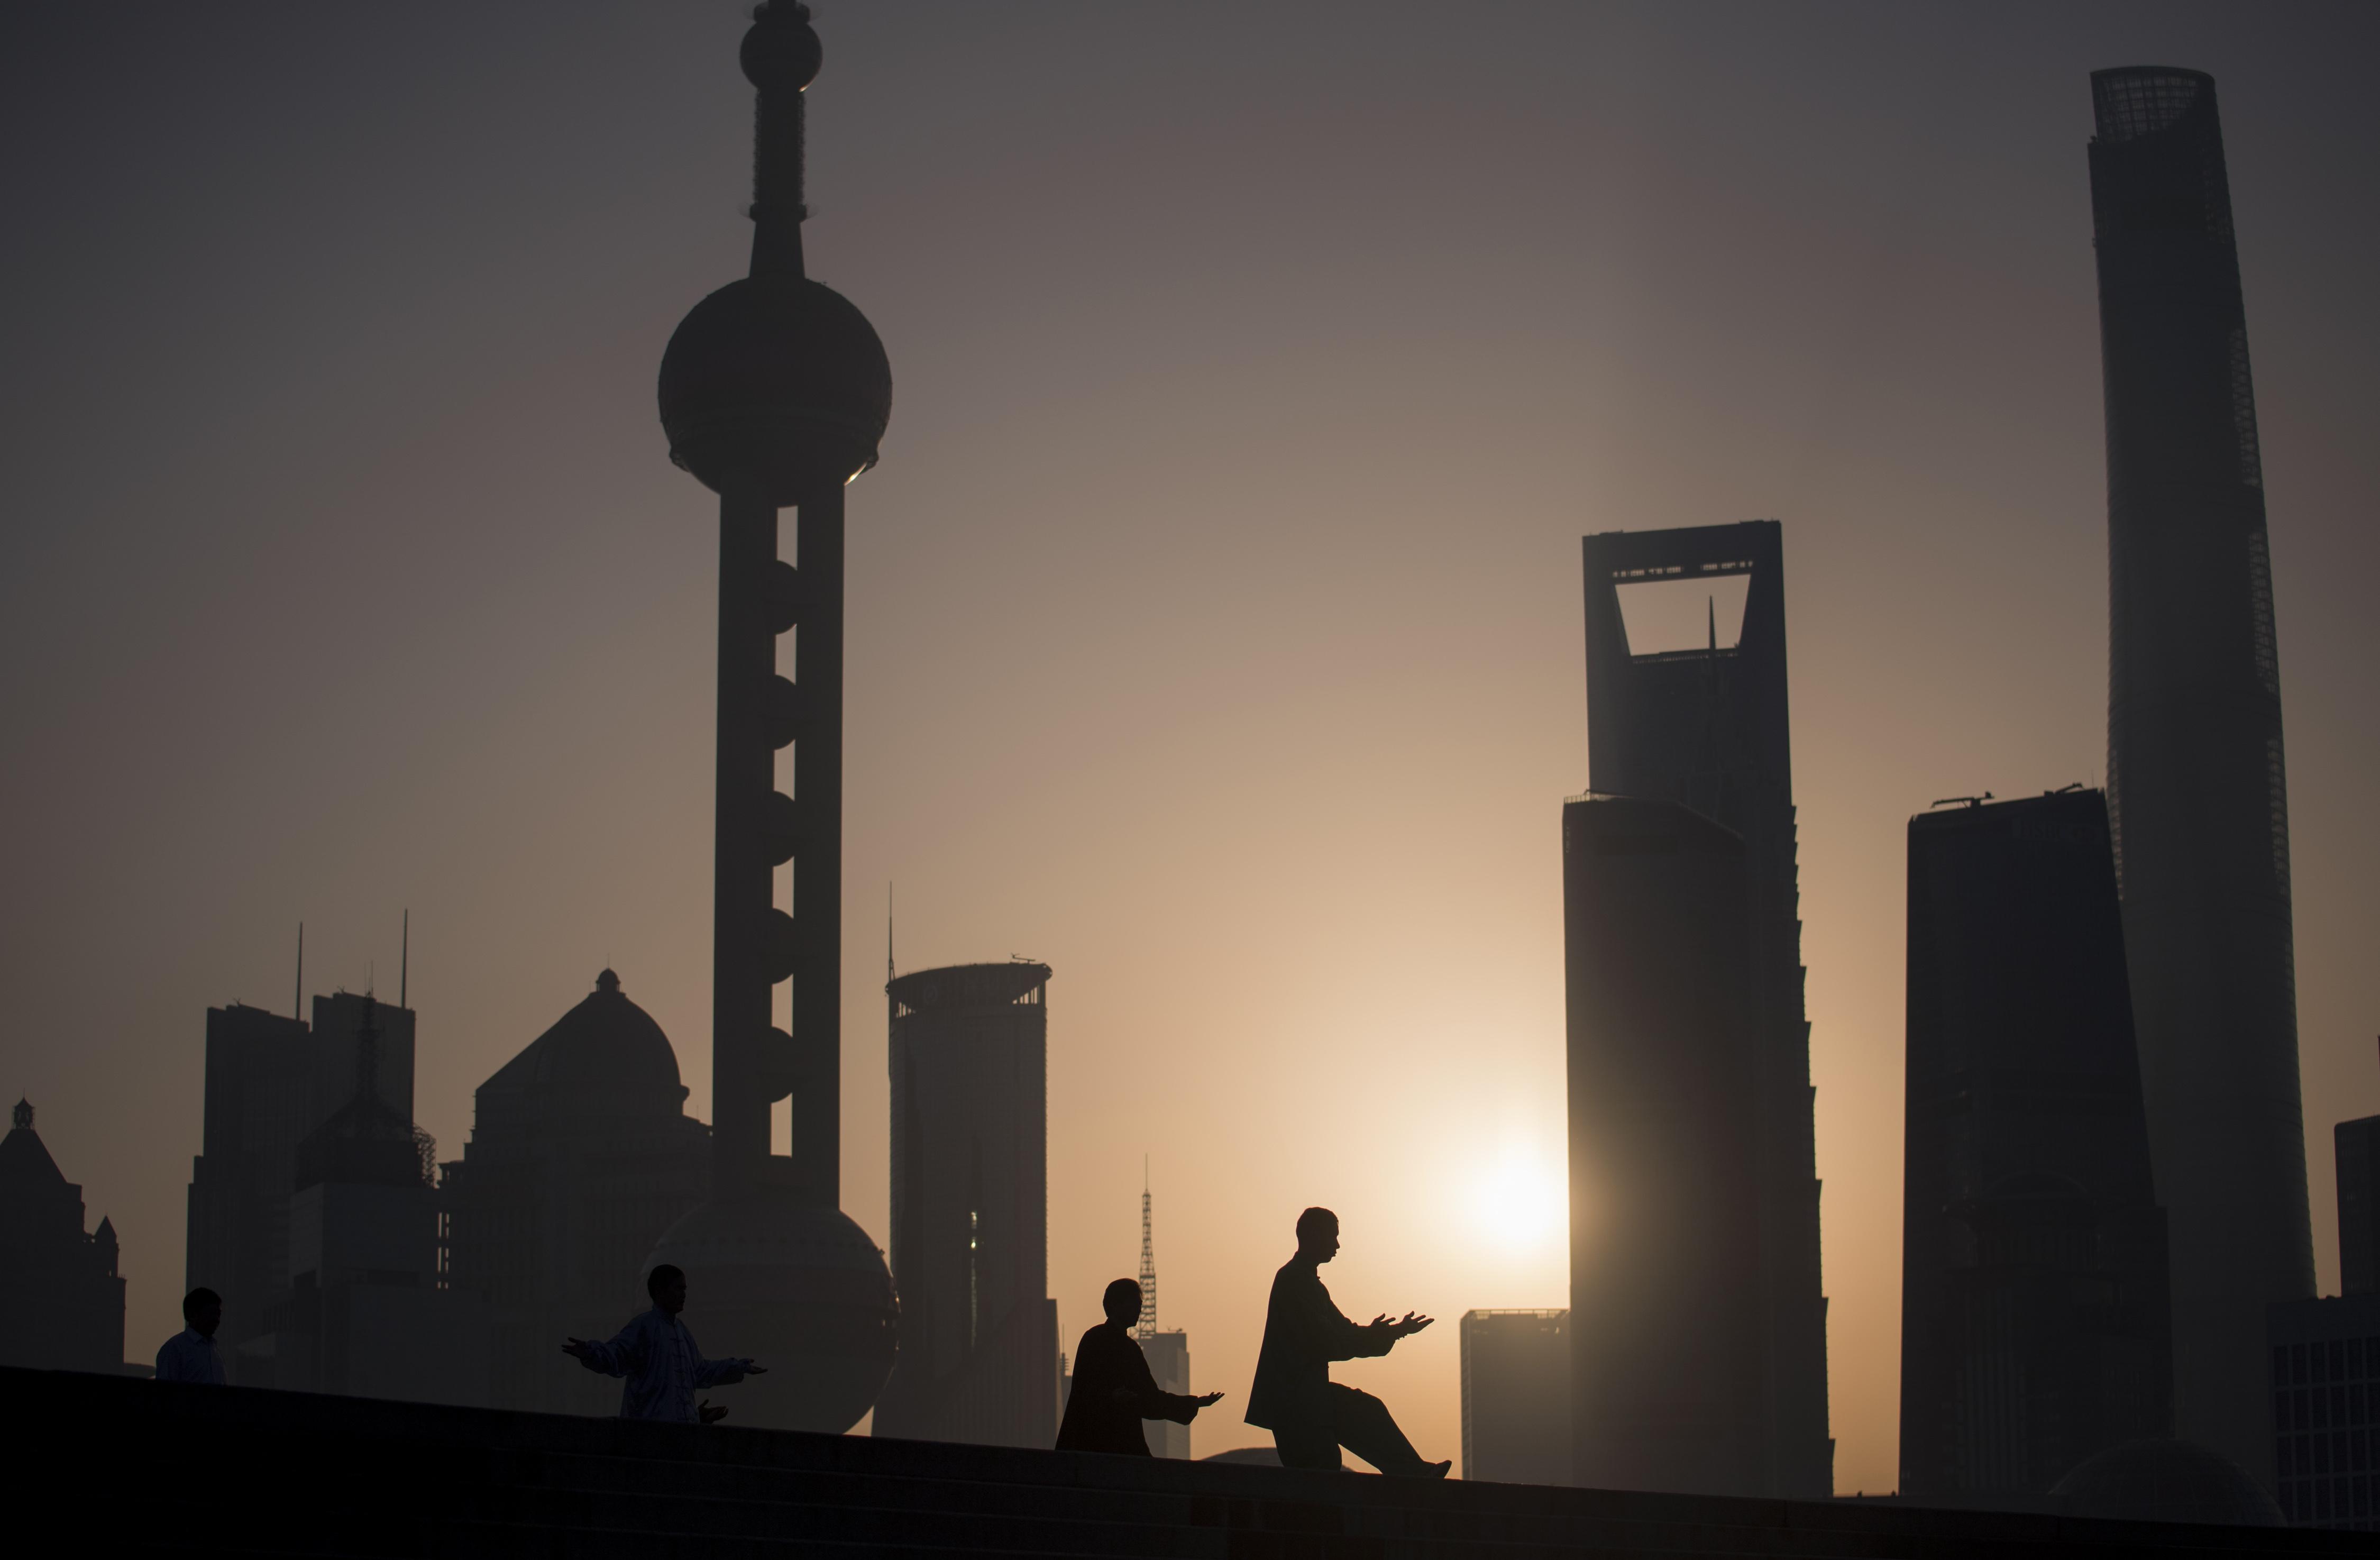 Chinas interner Machtkampf: Shanghais Oberbürgermeister geht – Xi Jinping erobert Jiang Zemins Hochburg weiter